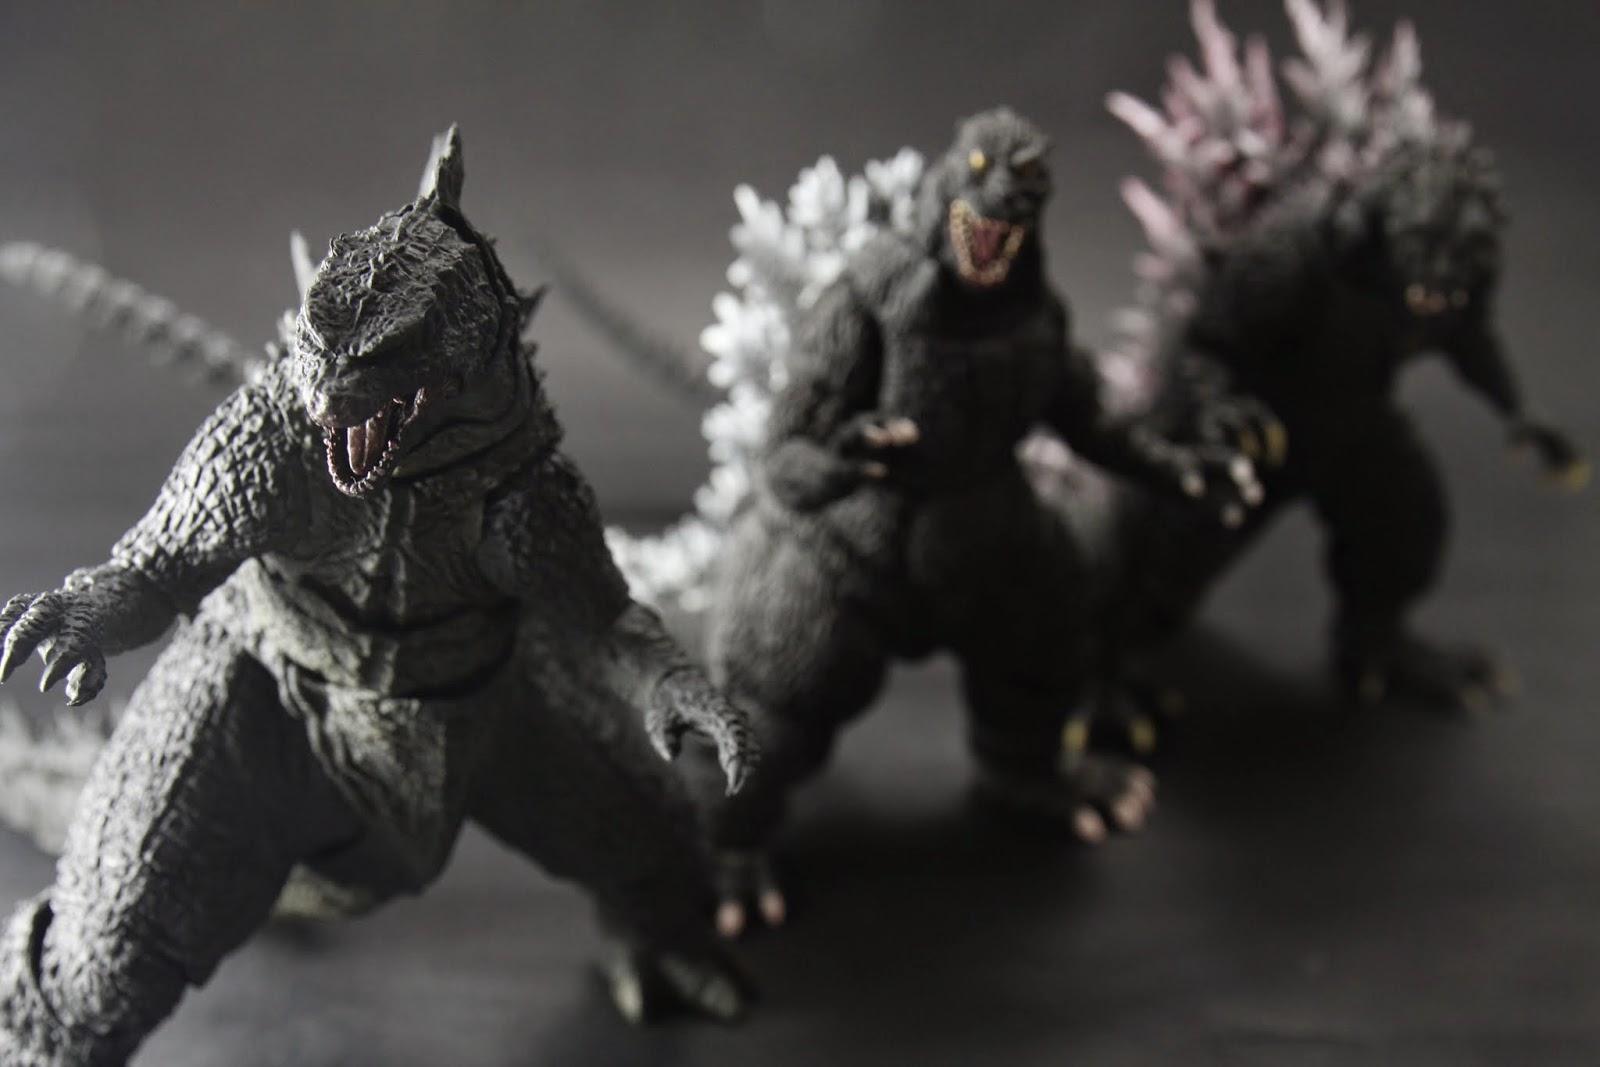 2000版的太像爬蟲類,整個前傾嚴重 不過三種皆有不同的霸氣